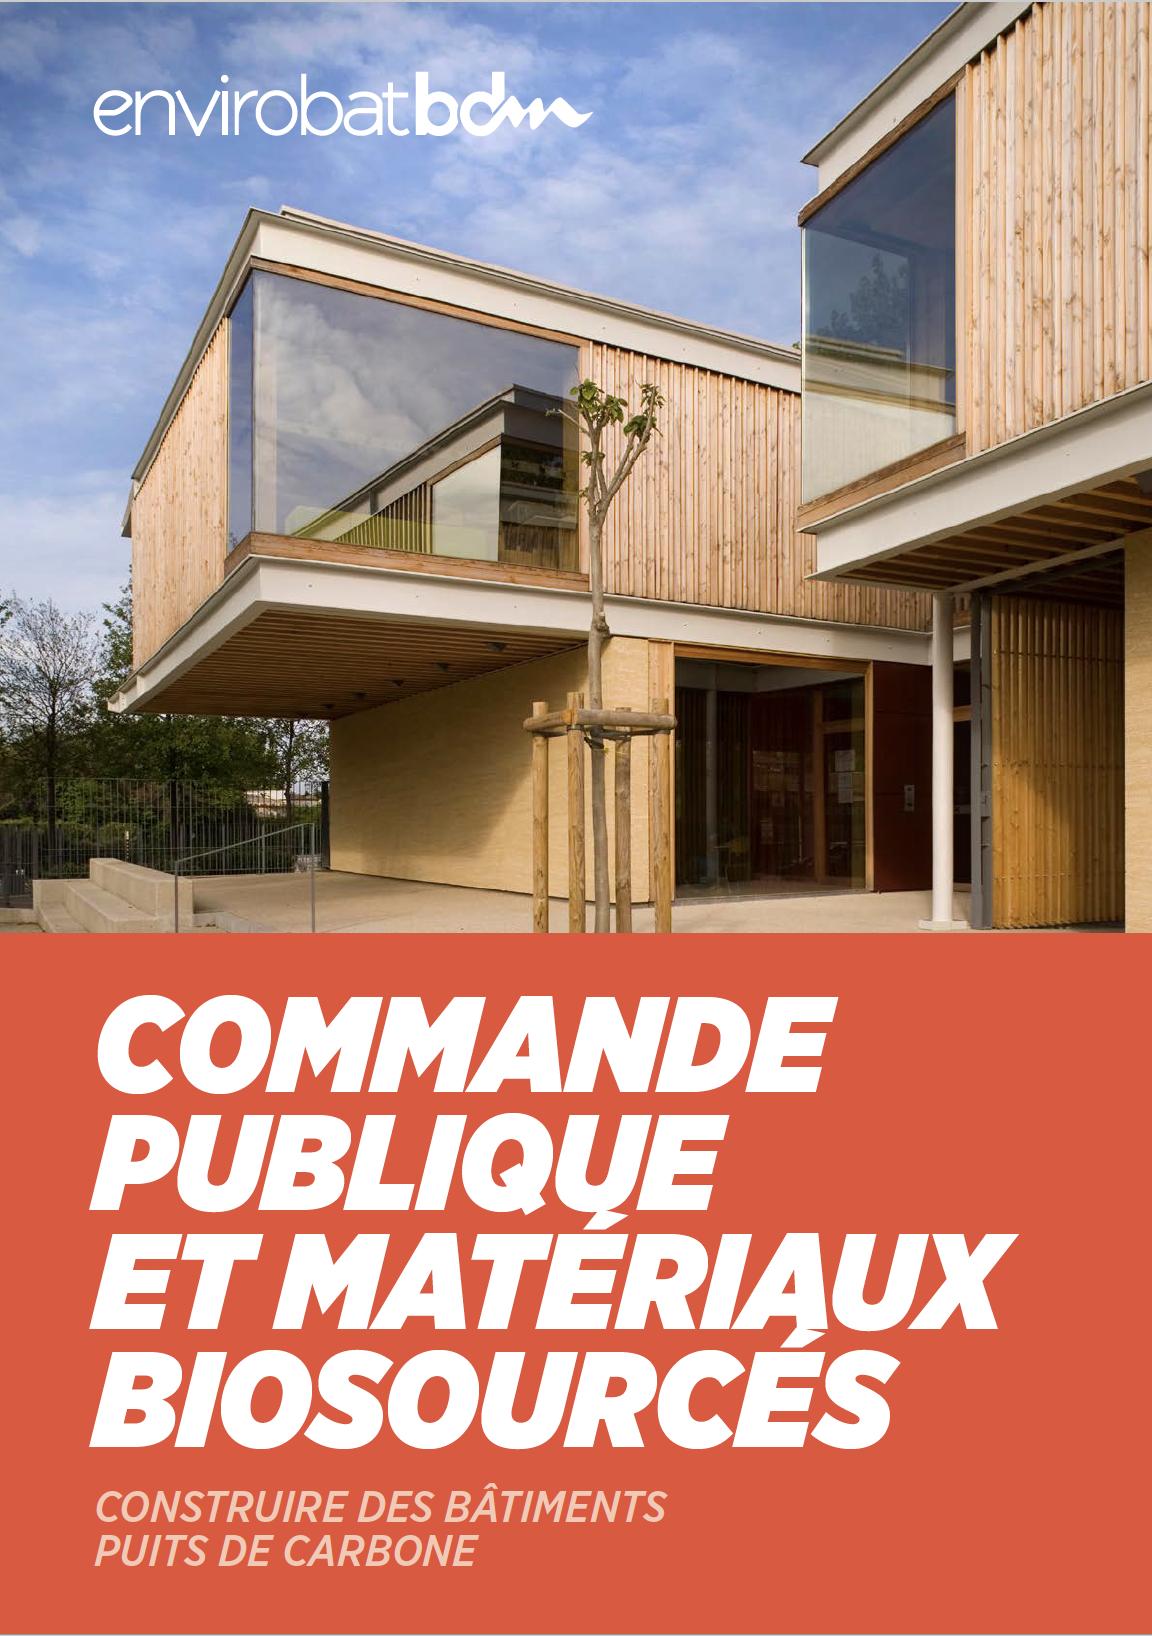 Guide Envirobat BDM de la commande publique des matériaux biosourcés